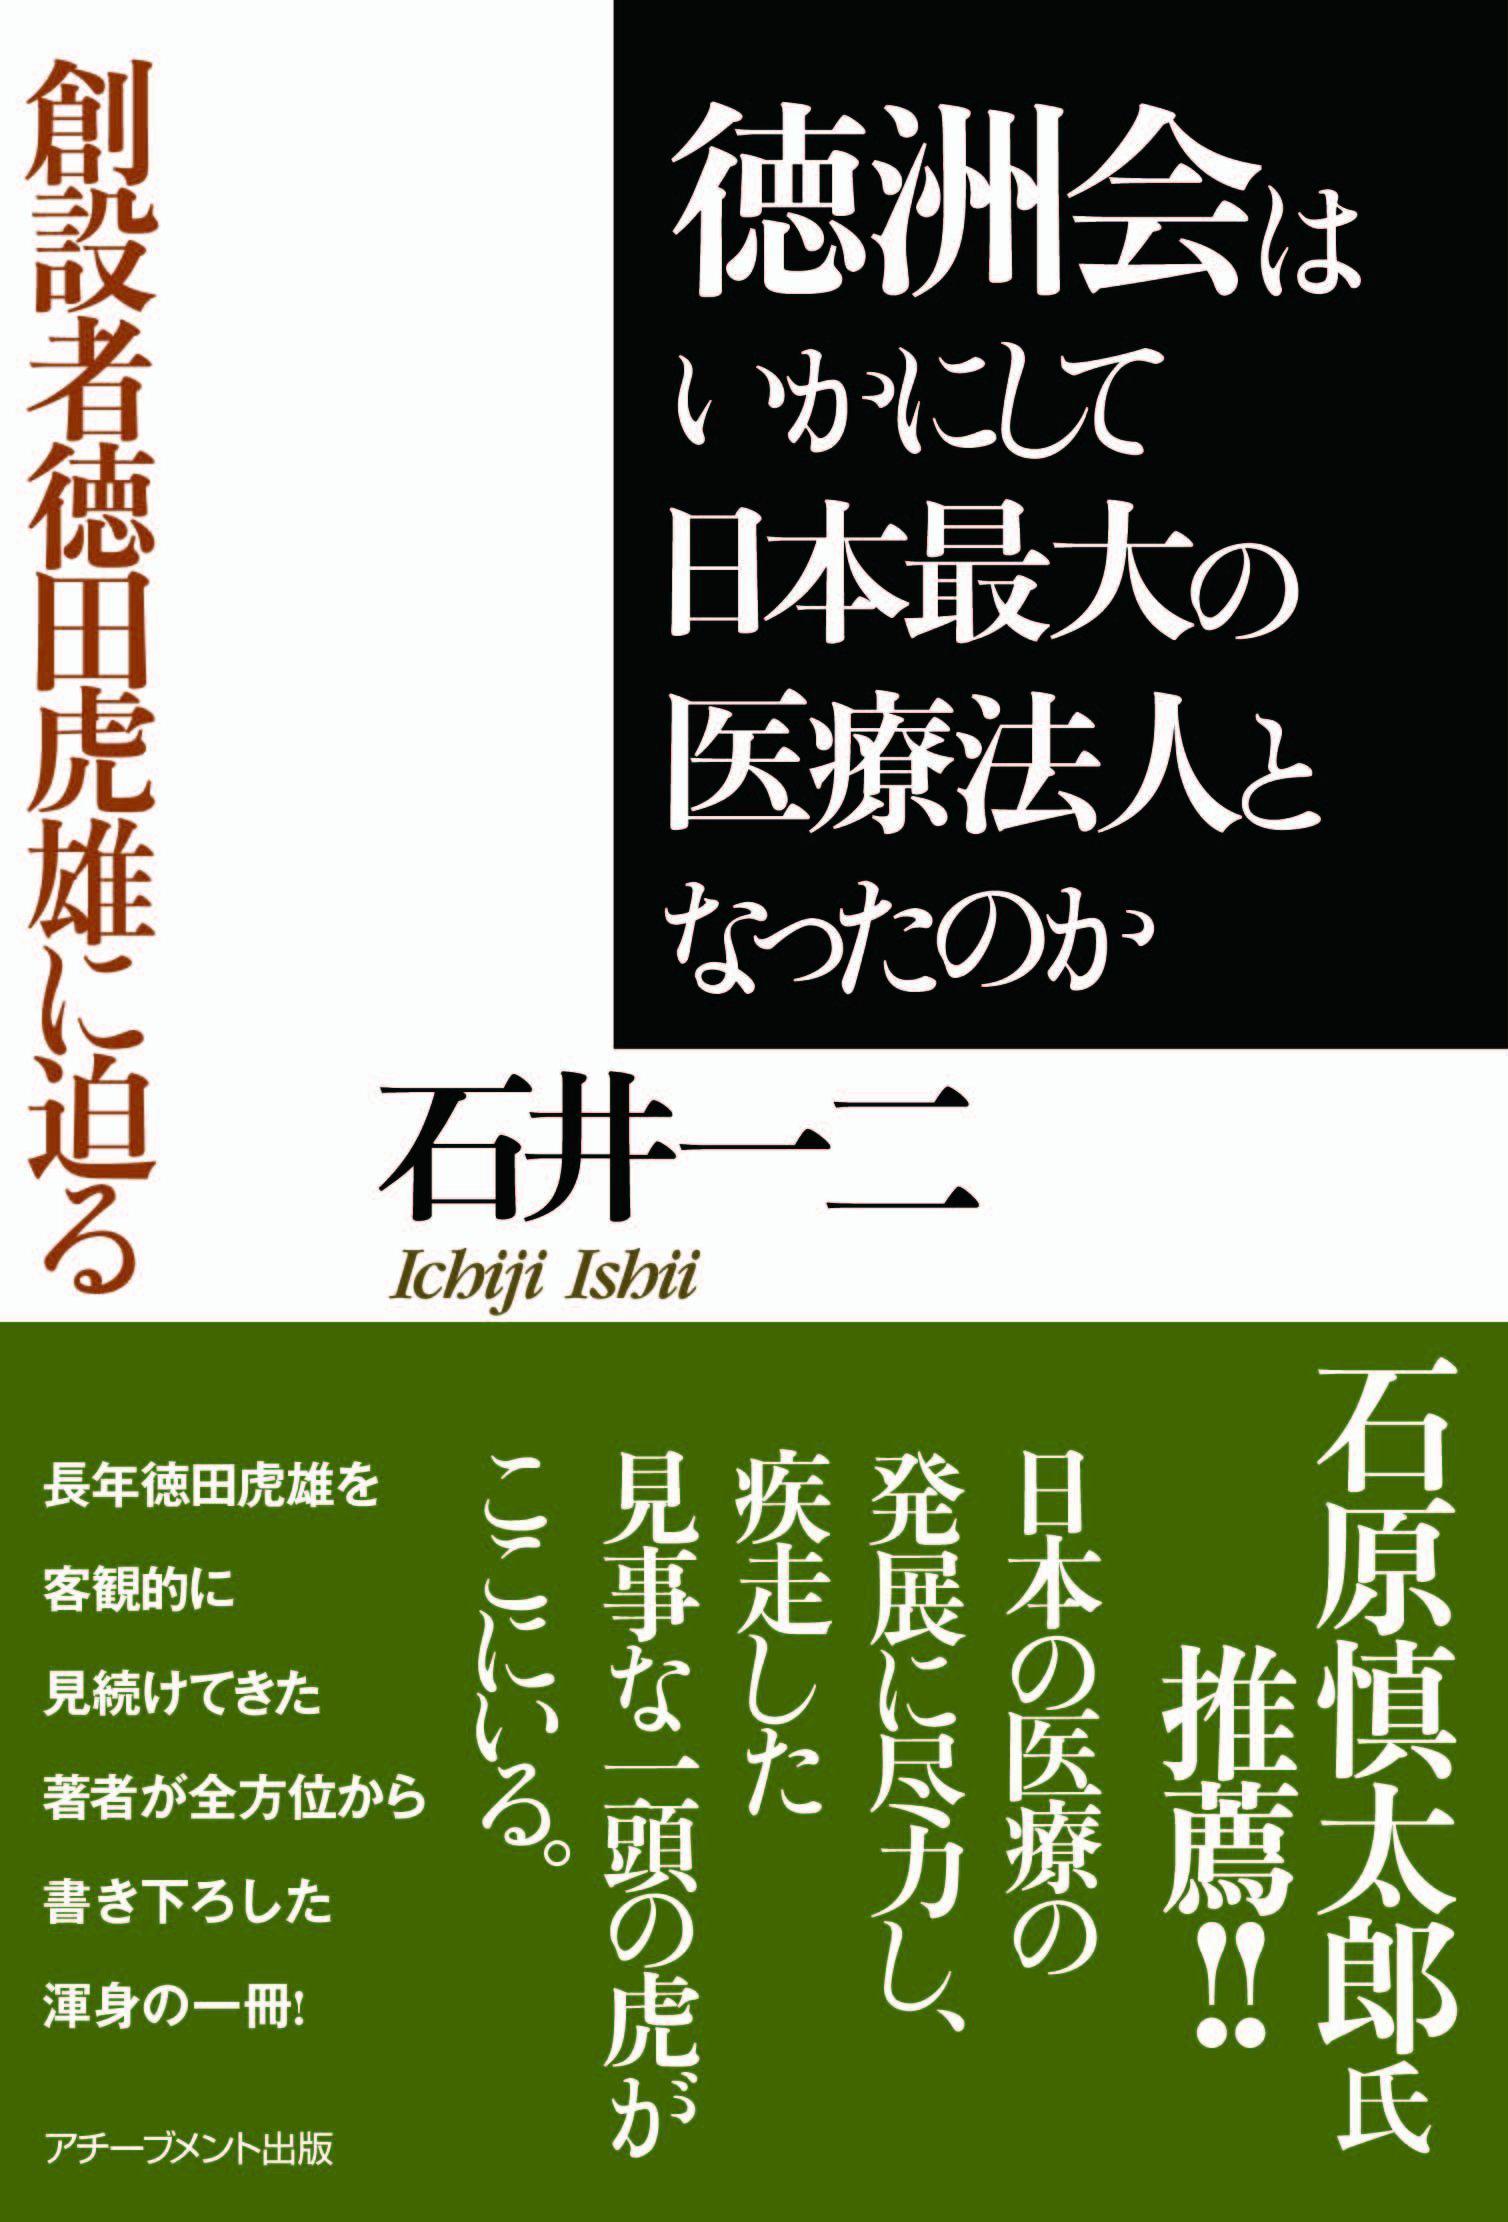 徳洲会はいかにして 日本最大の医療法人となったのか ~創設者徳田虎雄に迫る~の画像1